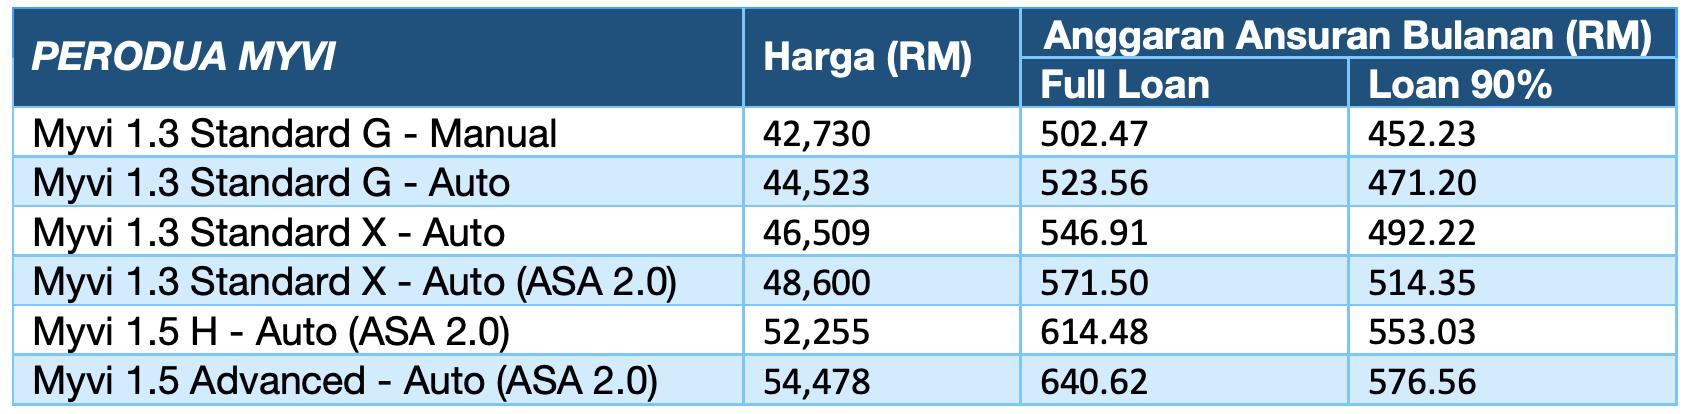 Harga Perodua Myvi Biru